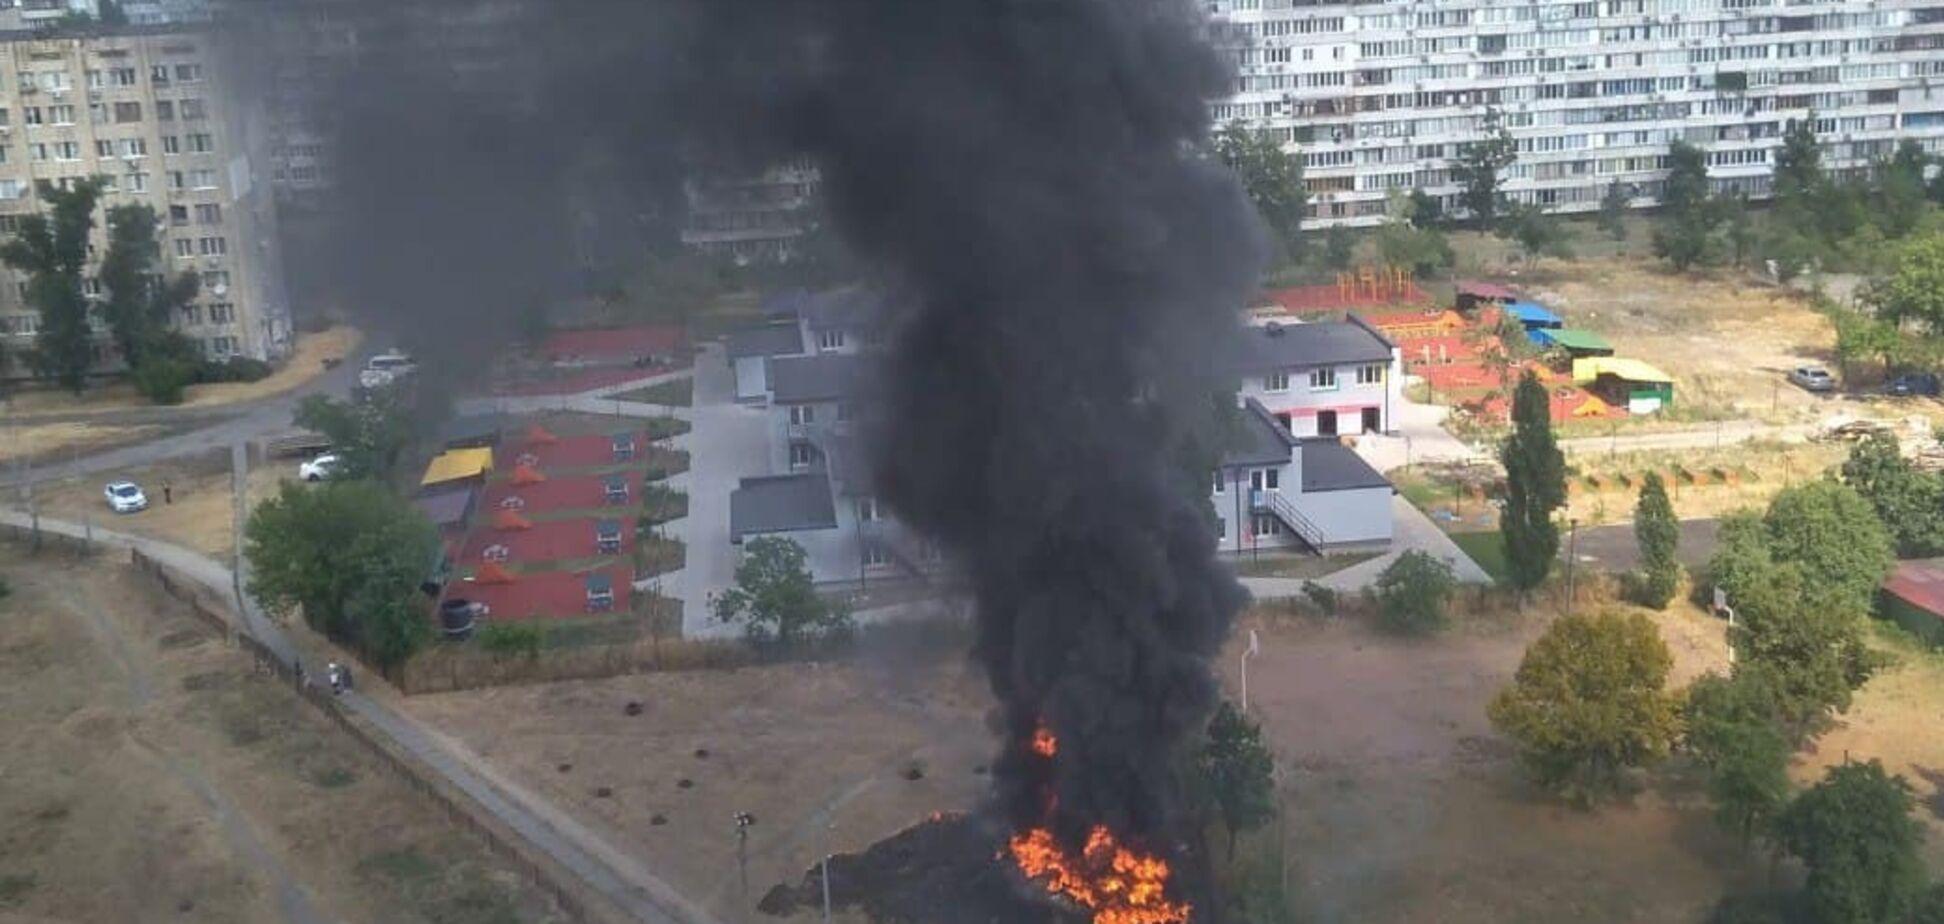 В спальном районе Киева произошел мощный пожар: что известно. Видео